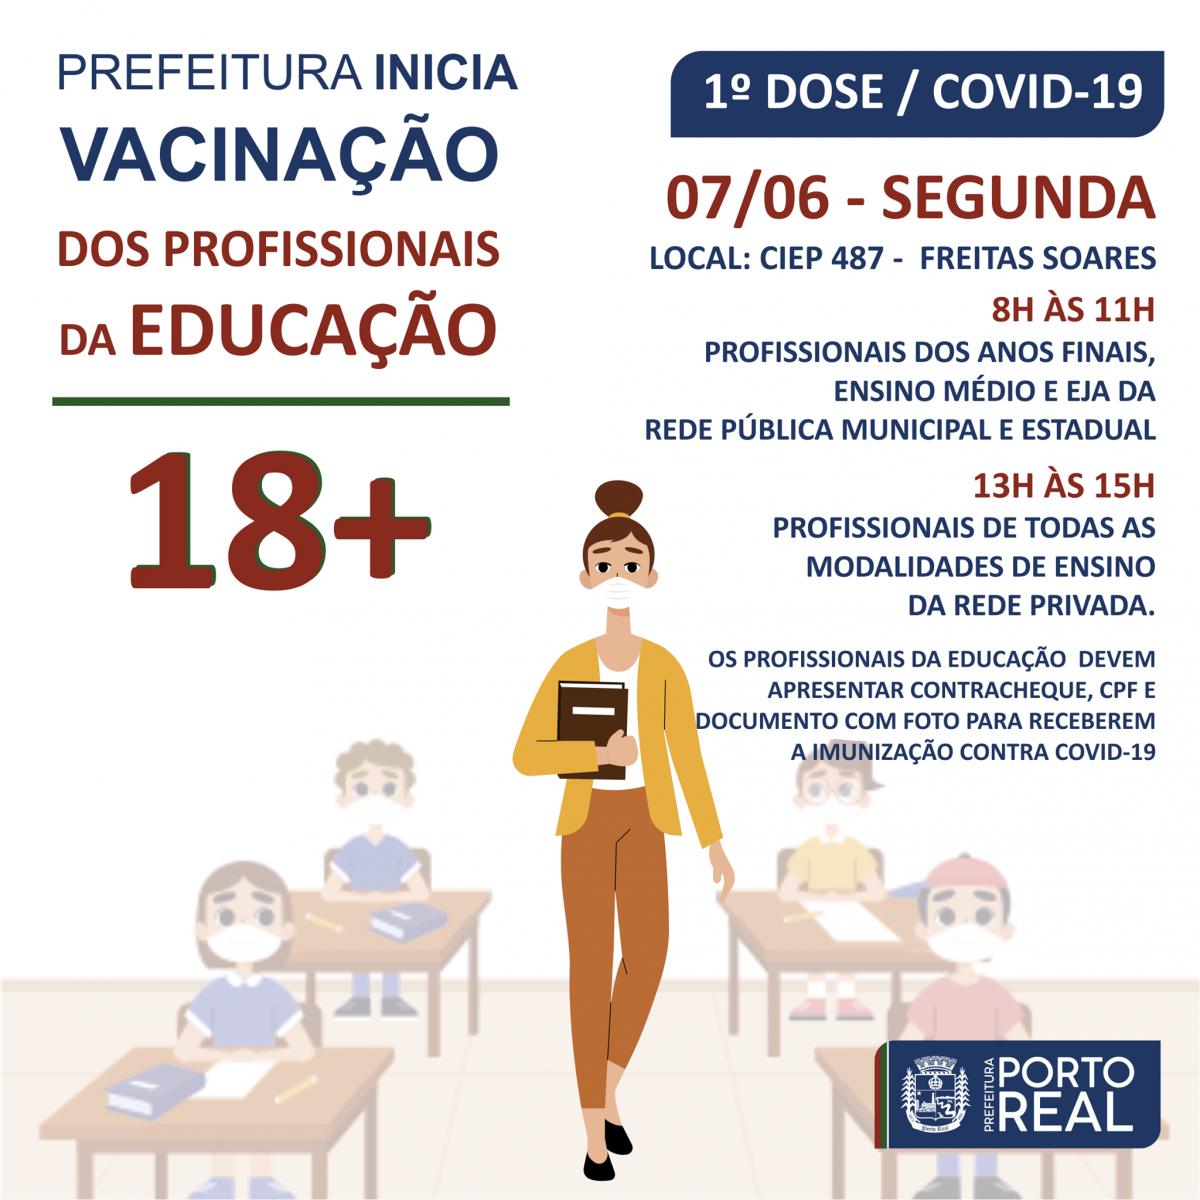 Prefeitura inicia vacinação dos profissionais da Educação 18+